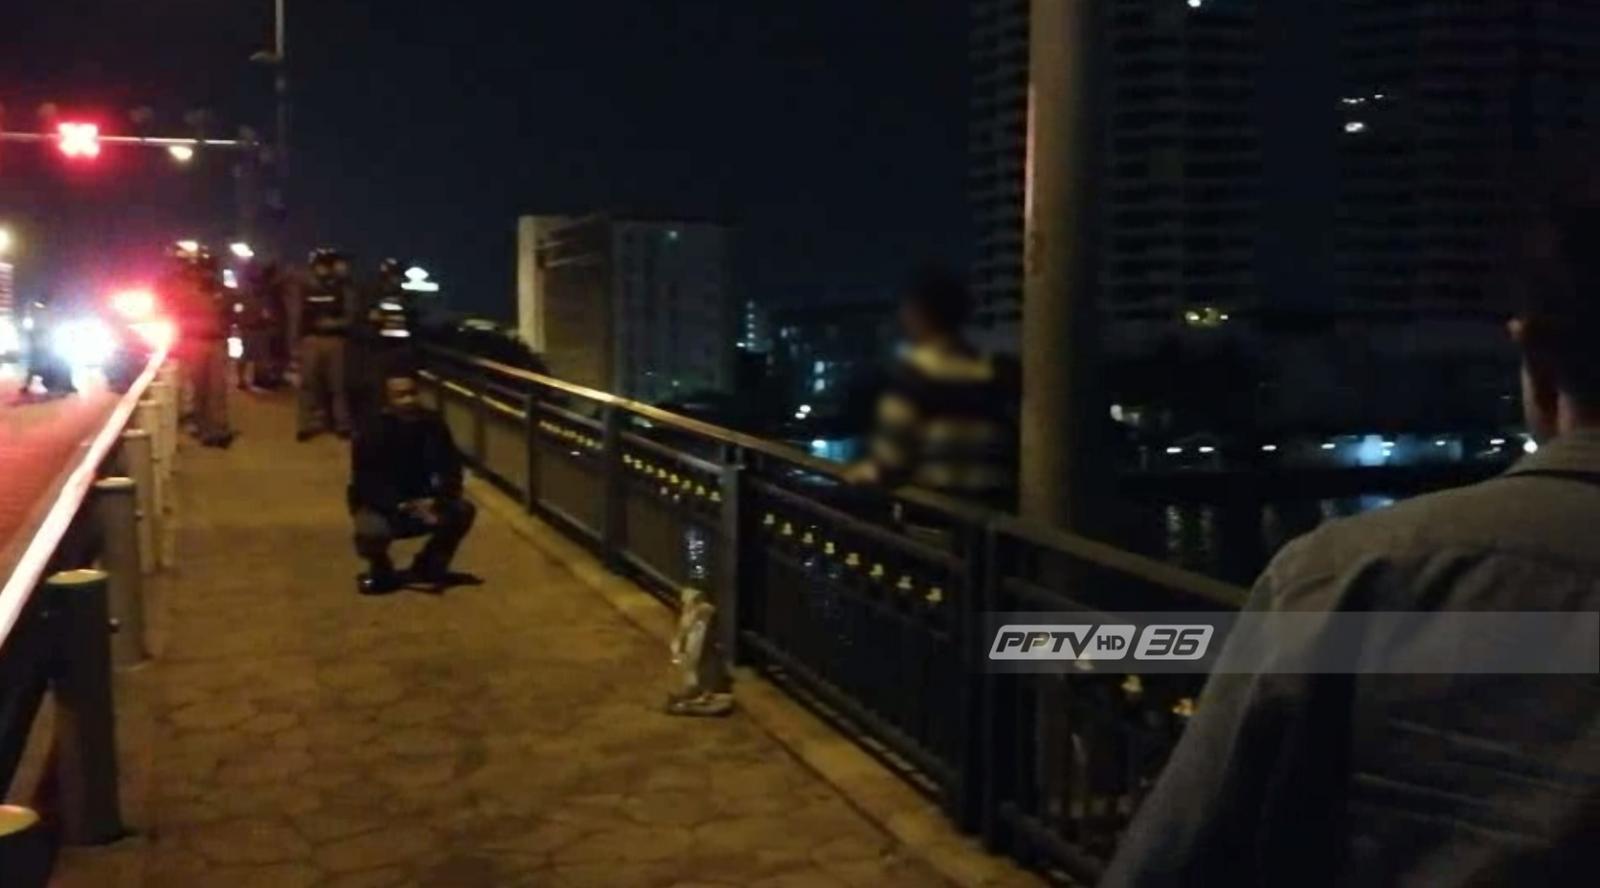 นาทีชีวิต !! ช่วยหญิงวัย 60 ปีพยายามกระโดดสะพานสมเด็จพระปิ่นเกล้า